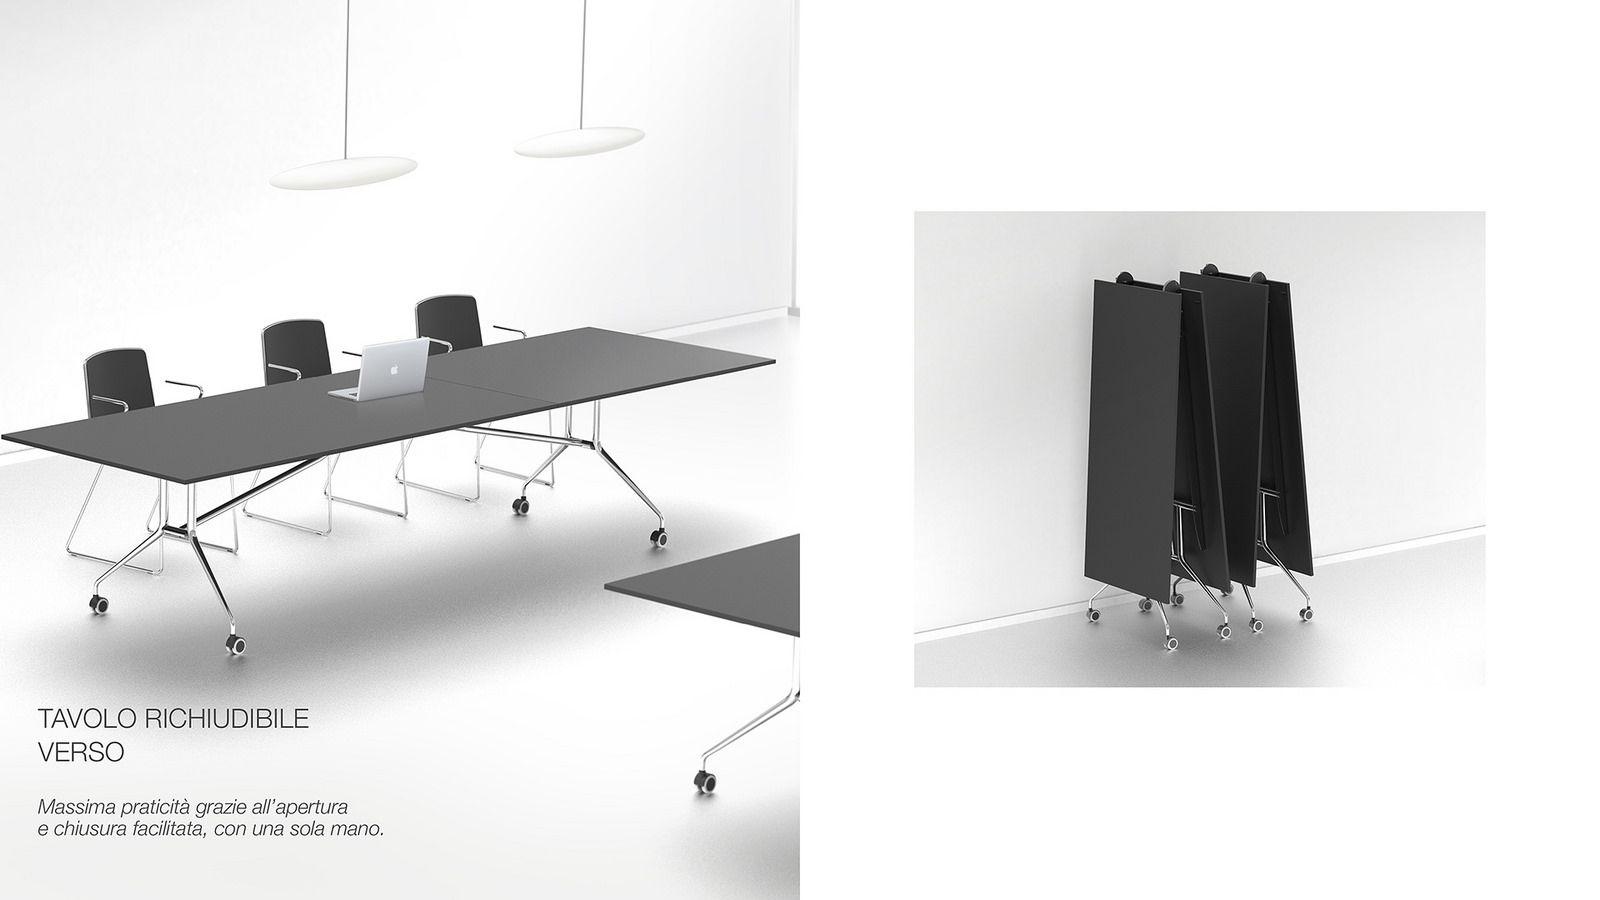 HORECA design arredo tavolo (con immagini) Design